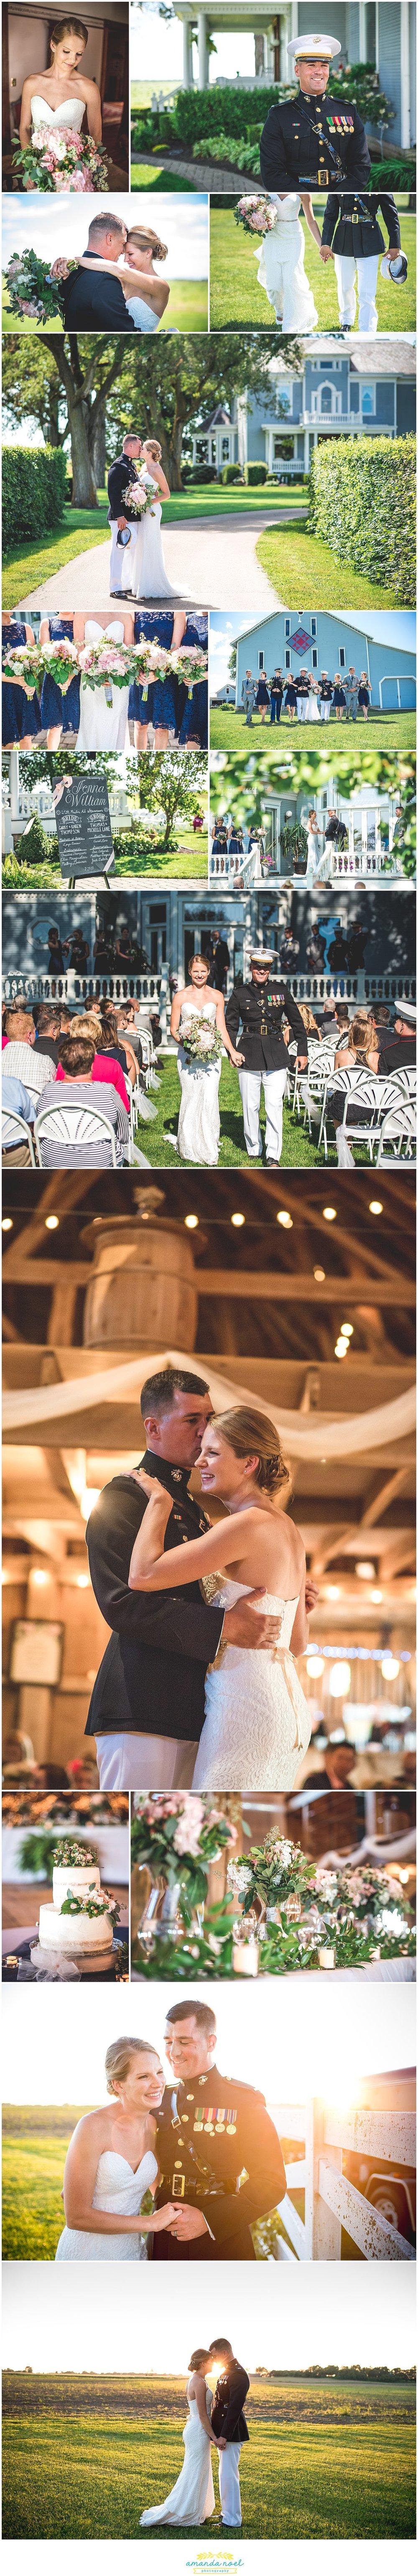 Ohio farm outdoor summer wedding sneak peak | Amanda Noel Photography